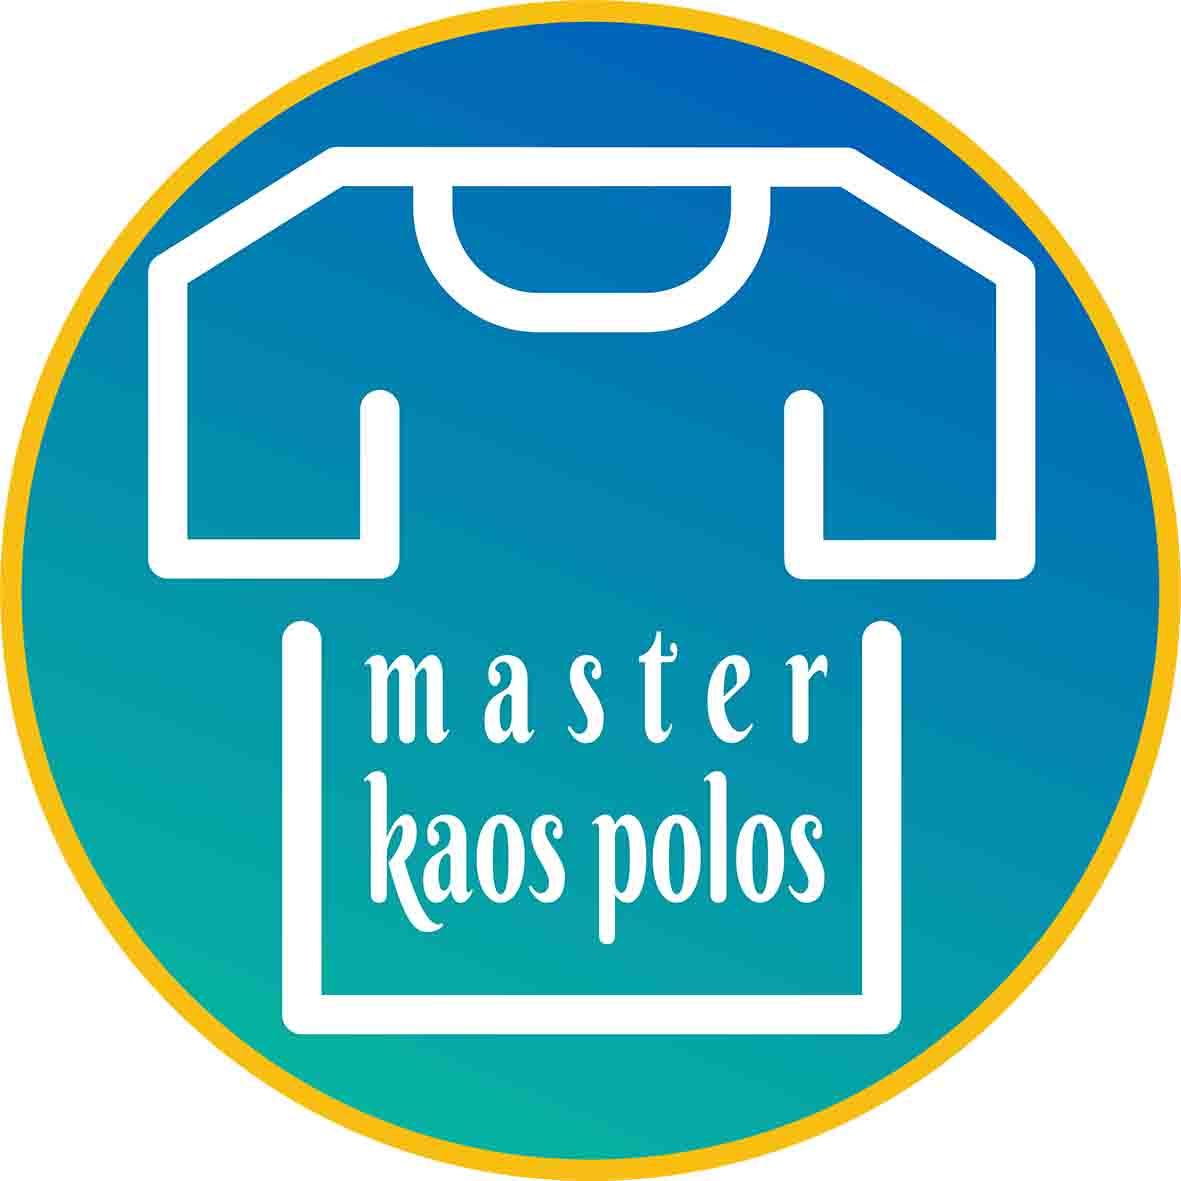 Master Kaos Polos Murahjakarta Timur Catton Combed 20s 24s 30s Size L Cotton Lengan Panjang Jakarta Indonesia